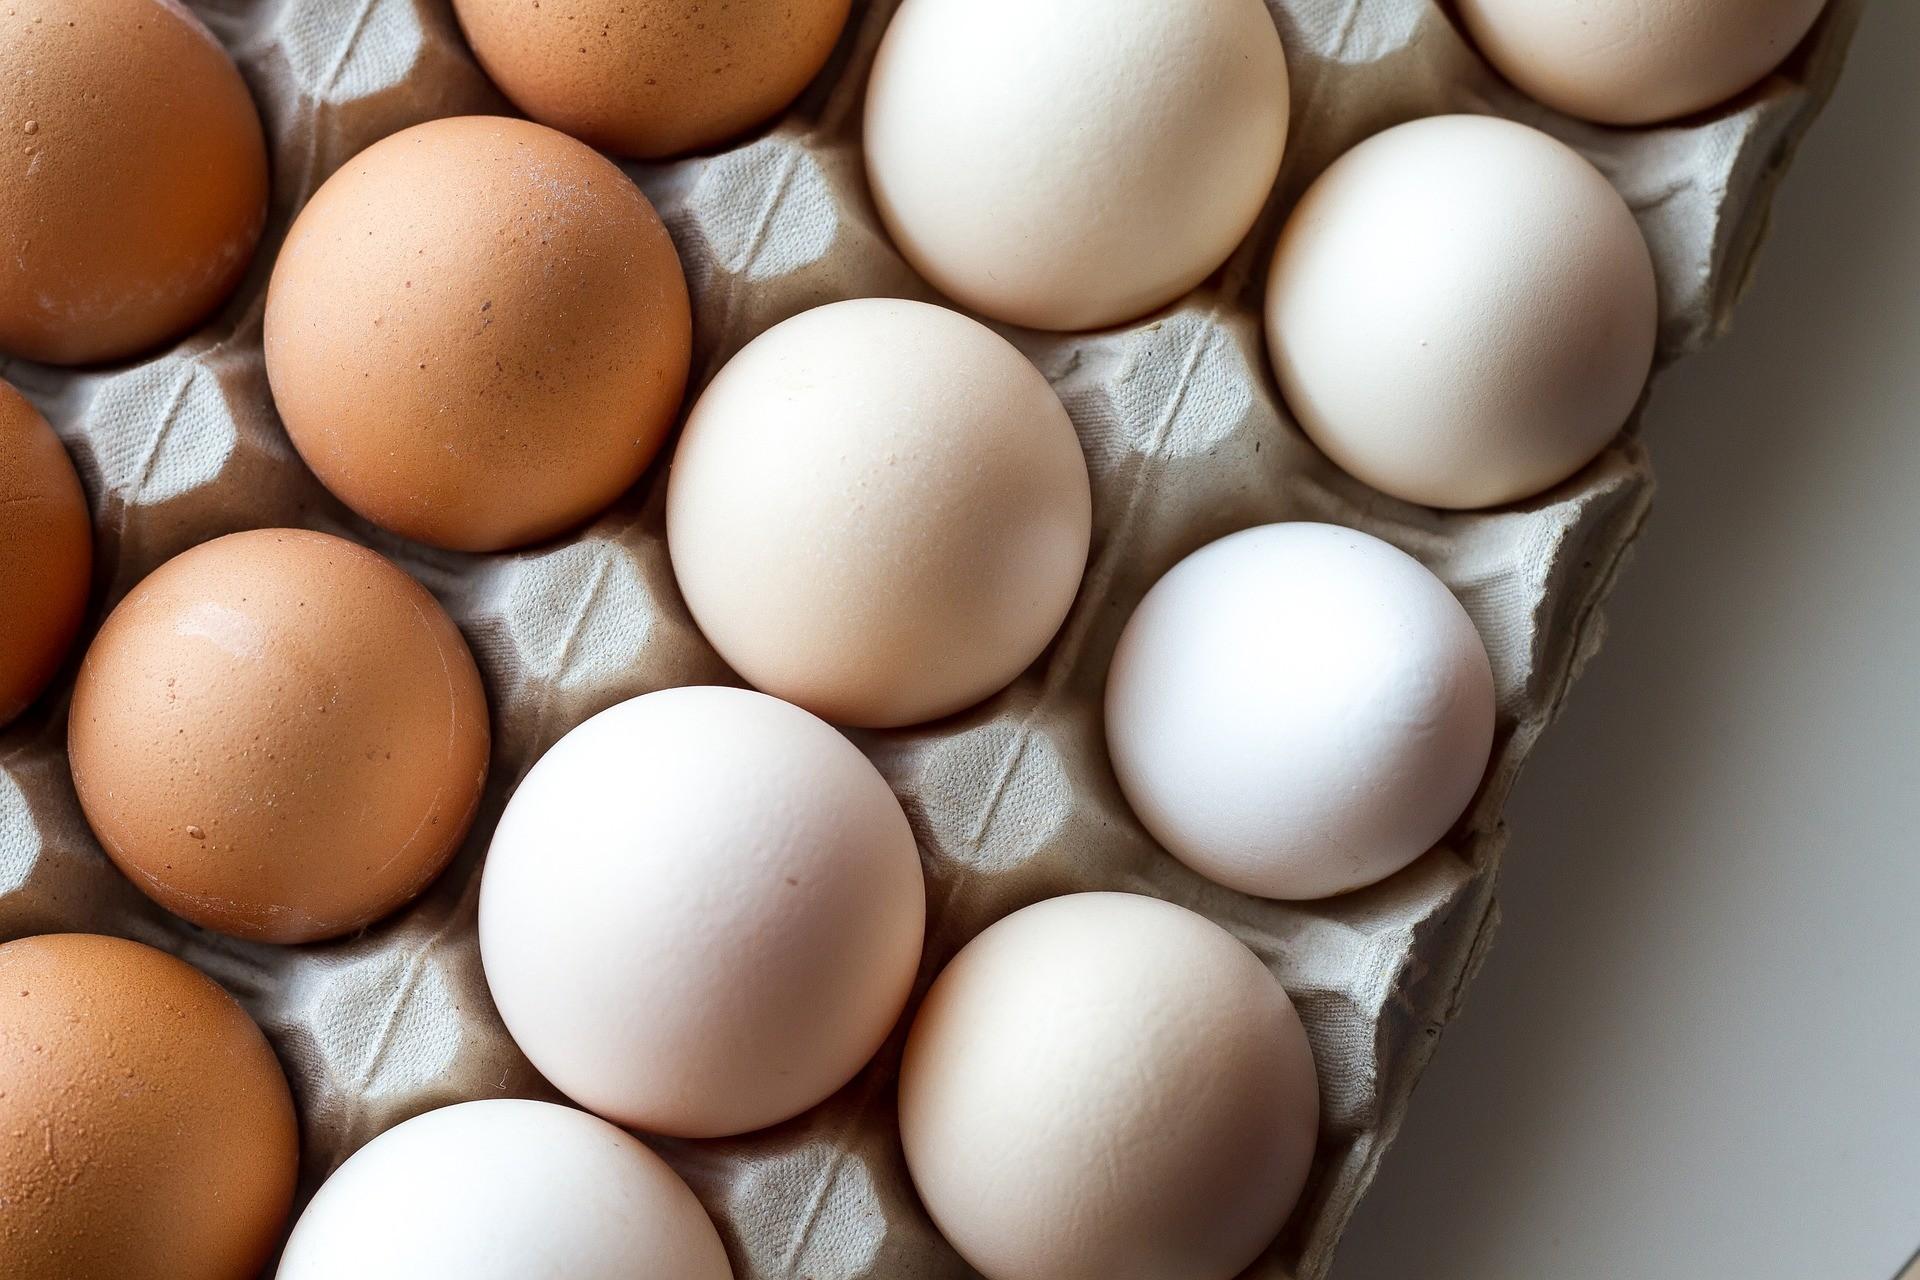 Casca de ovo pode ser usada em enxertos de tecidos ósseos, segundo estudo. (Foto: Pixabay)